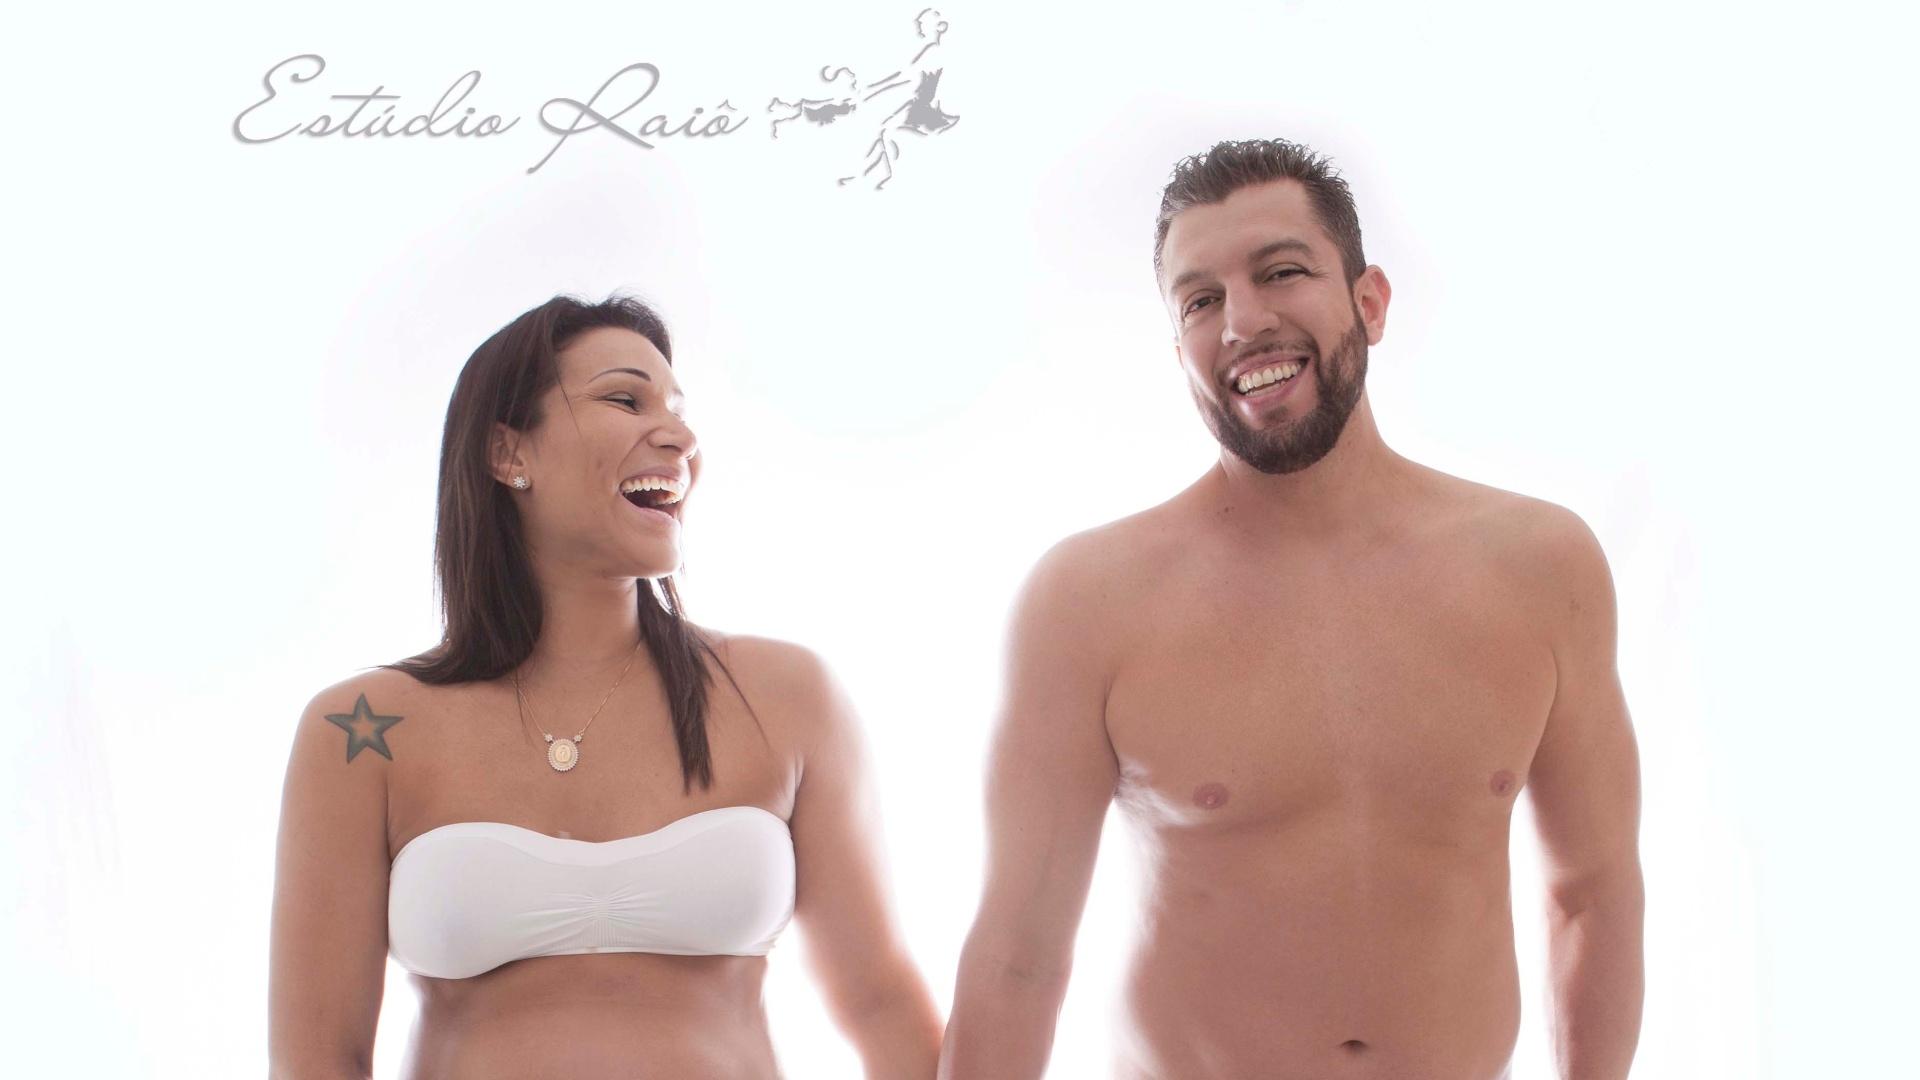 Tandara e o marido Cléber Mineiro, ambos jogadores de vôlei, posam juntos durante a gestação da primeira filha do casal, Maria Clara